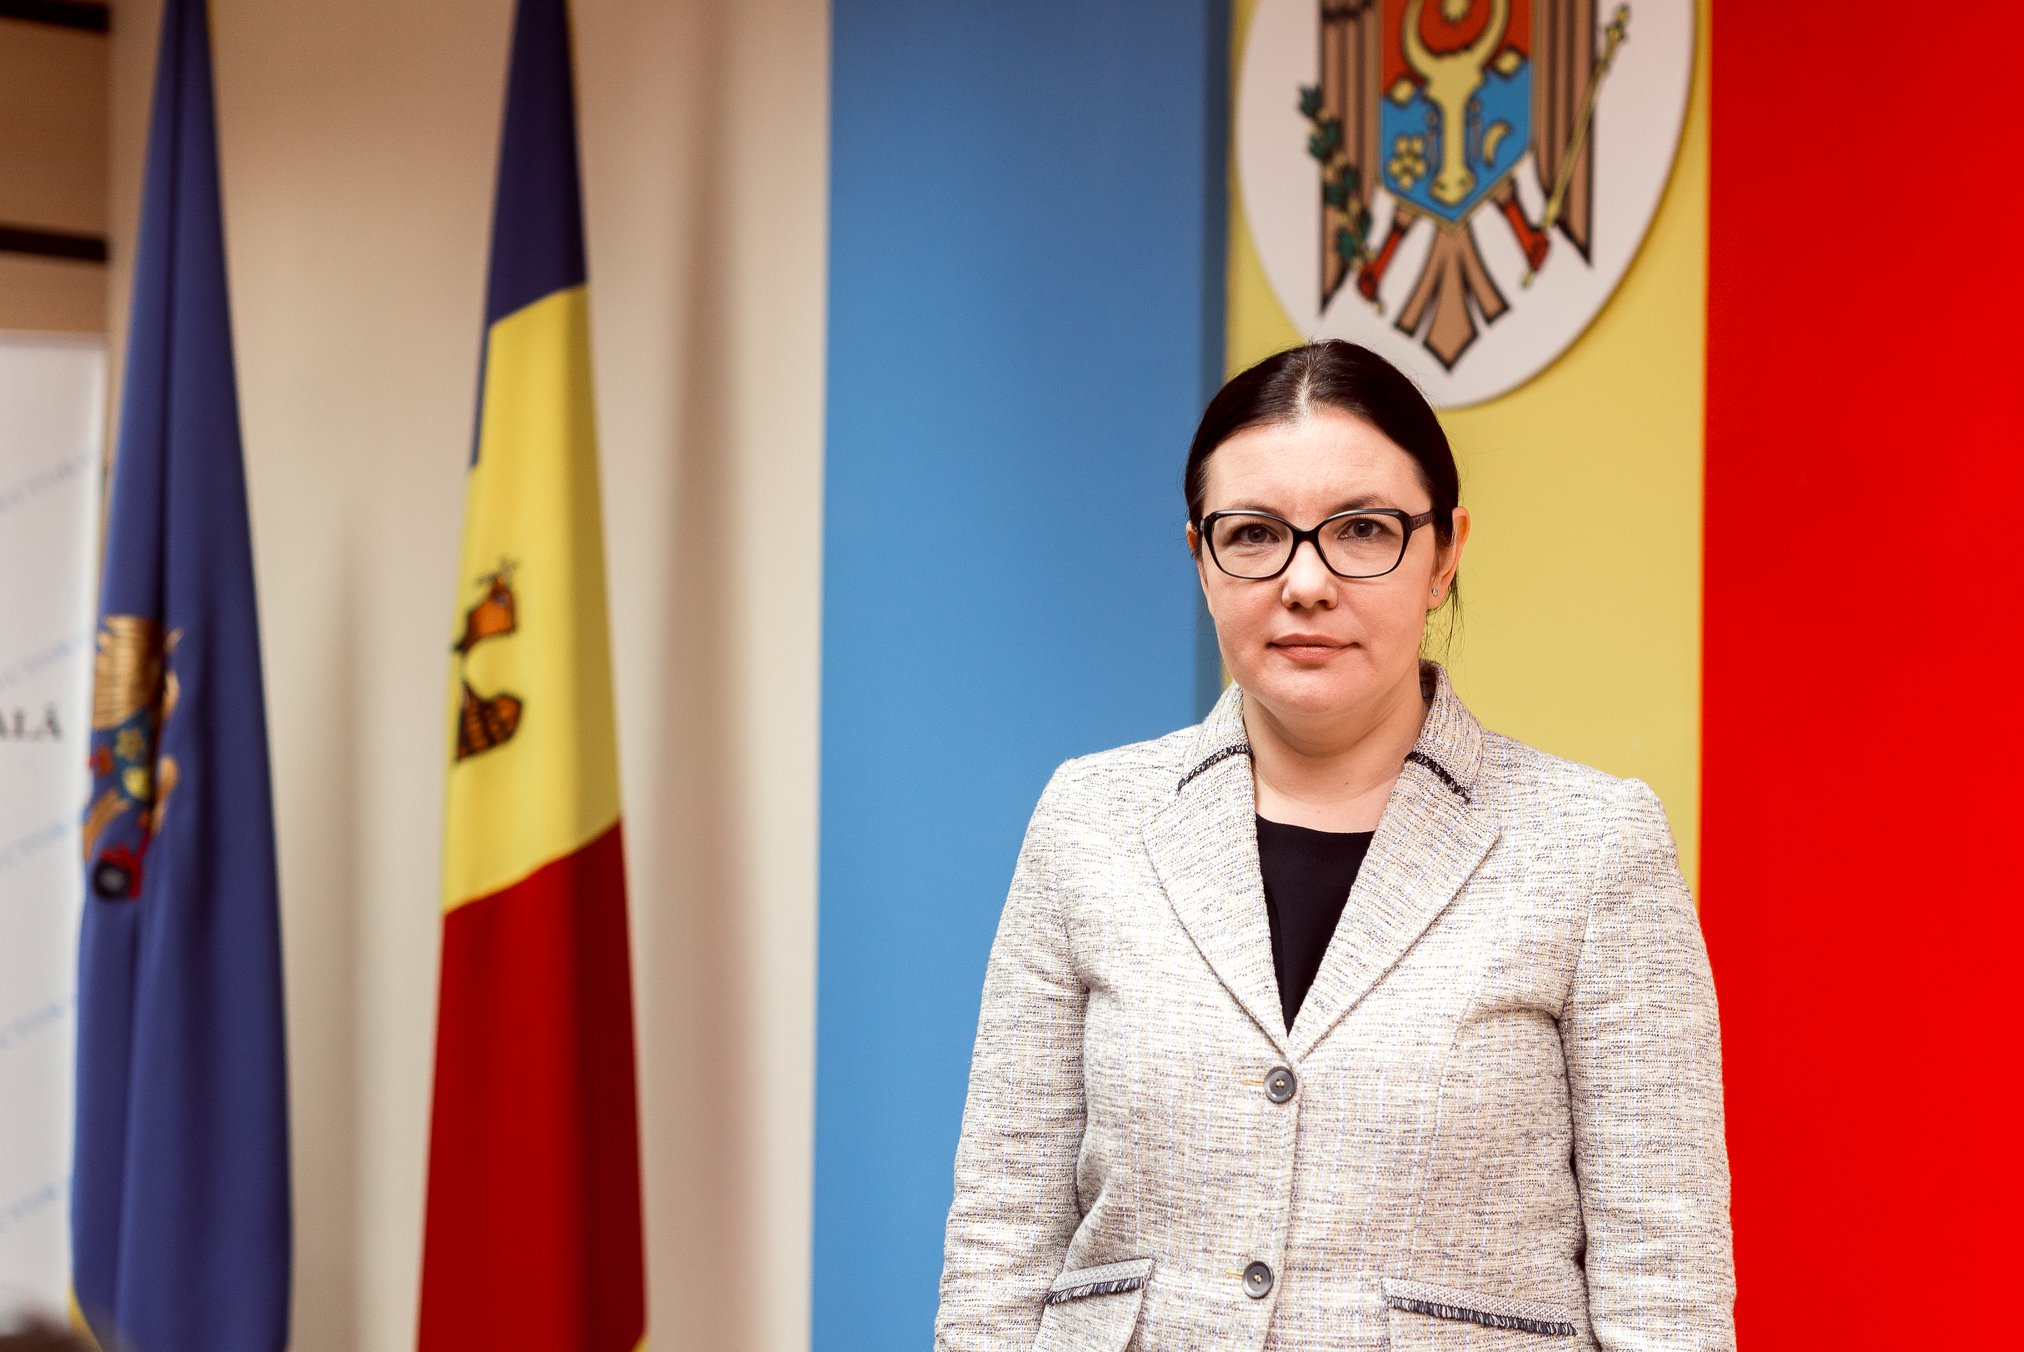 Președintele CEC: Începând cu 26 decembrie până pe 24 ianuarie, sunt deschise porțile pentru participanții la parlamentare, cât și la referendum